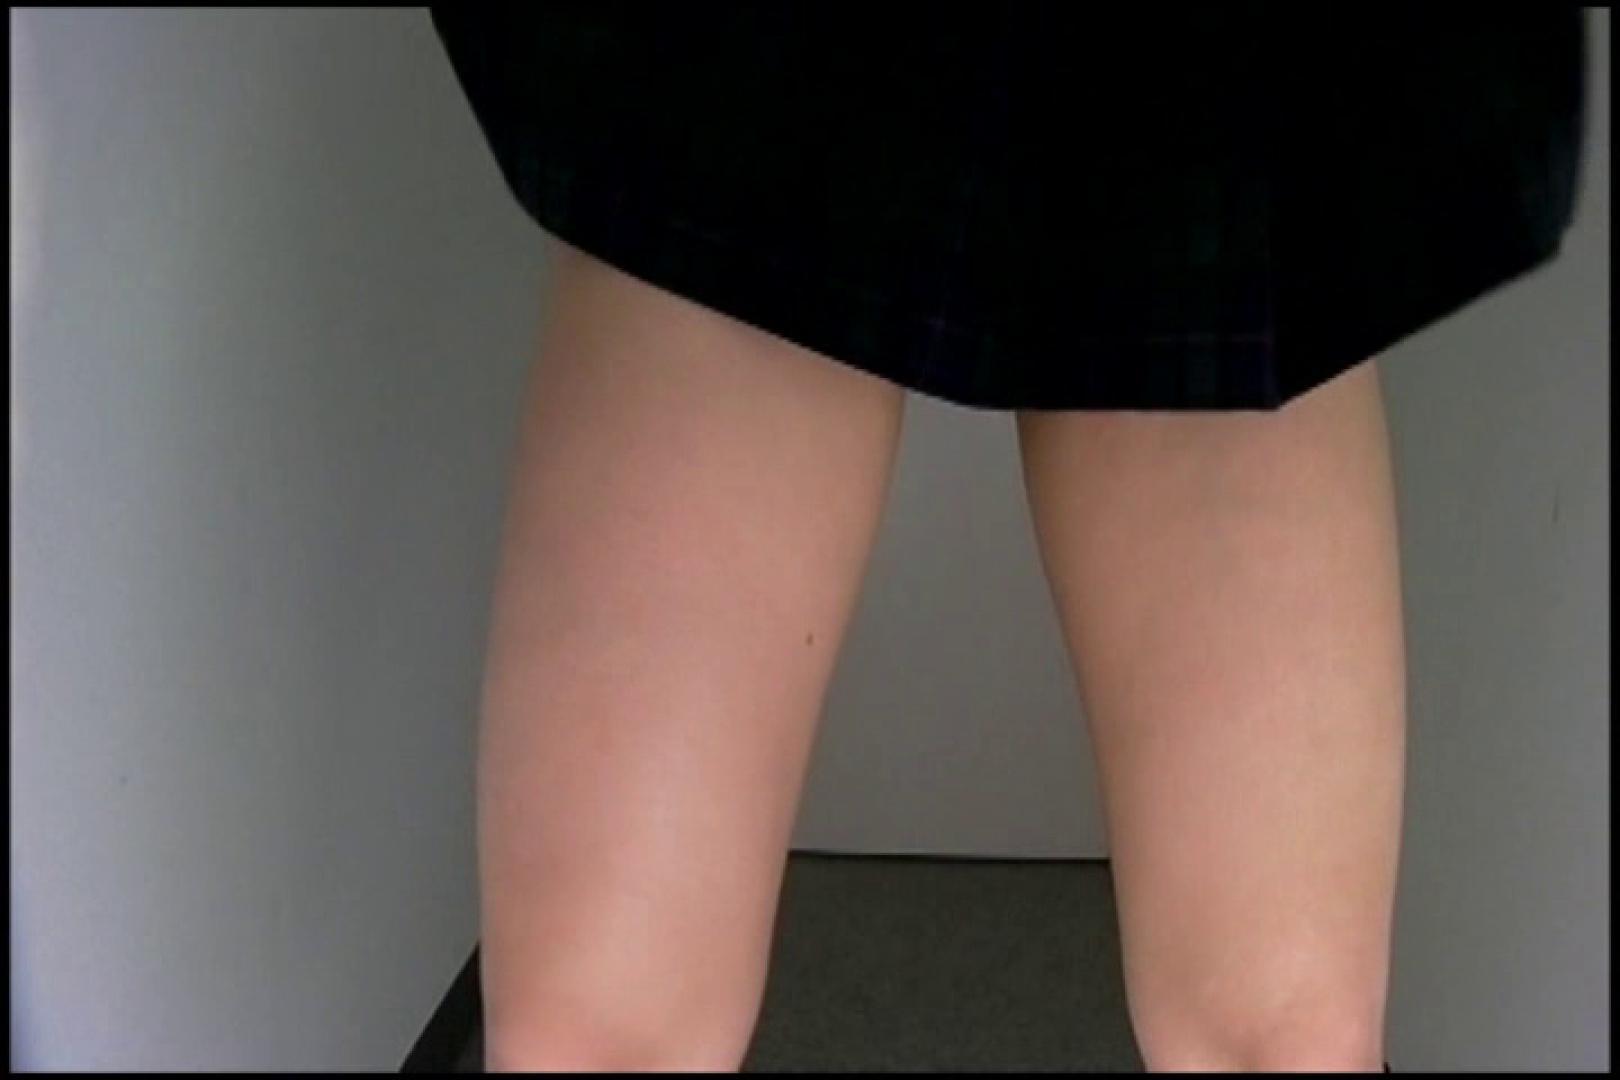 和式にまたがる女たちを待ちうけるカメラの衝撃映像vol.02 OL女体 おまんこ動画流出 107連発 74